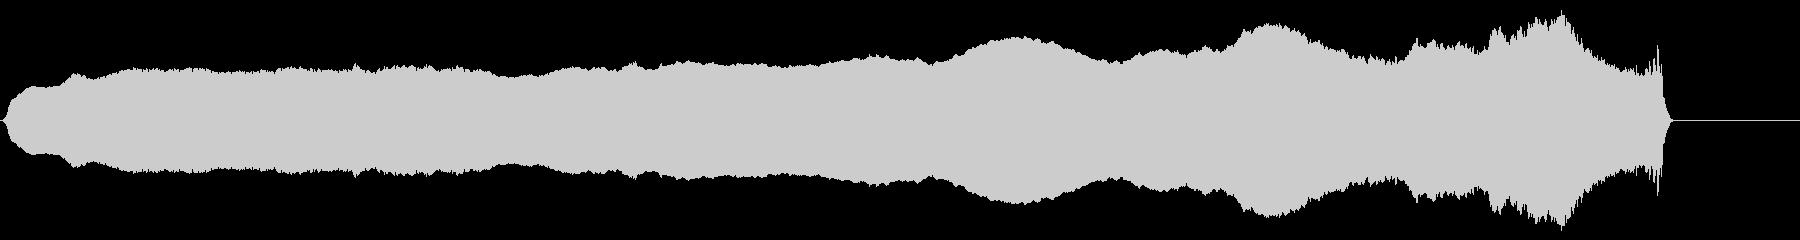 スライドホイッスル 上昇 長いの未再生の波形